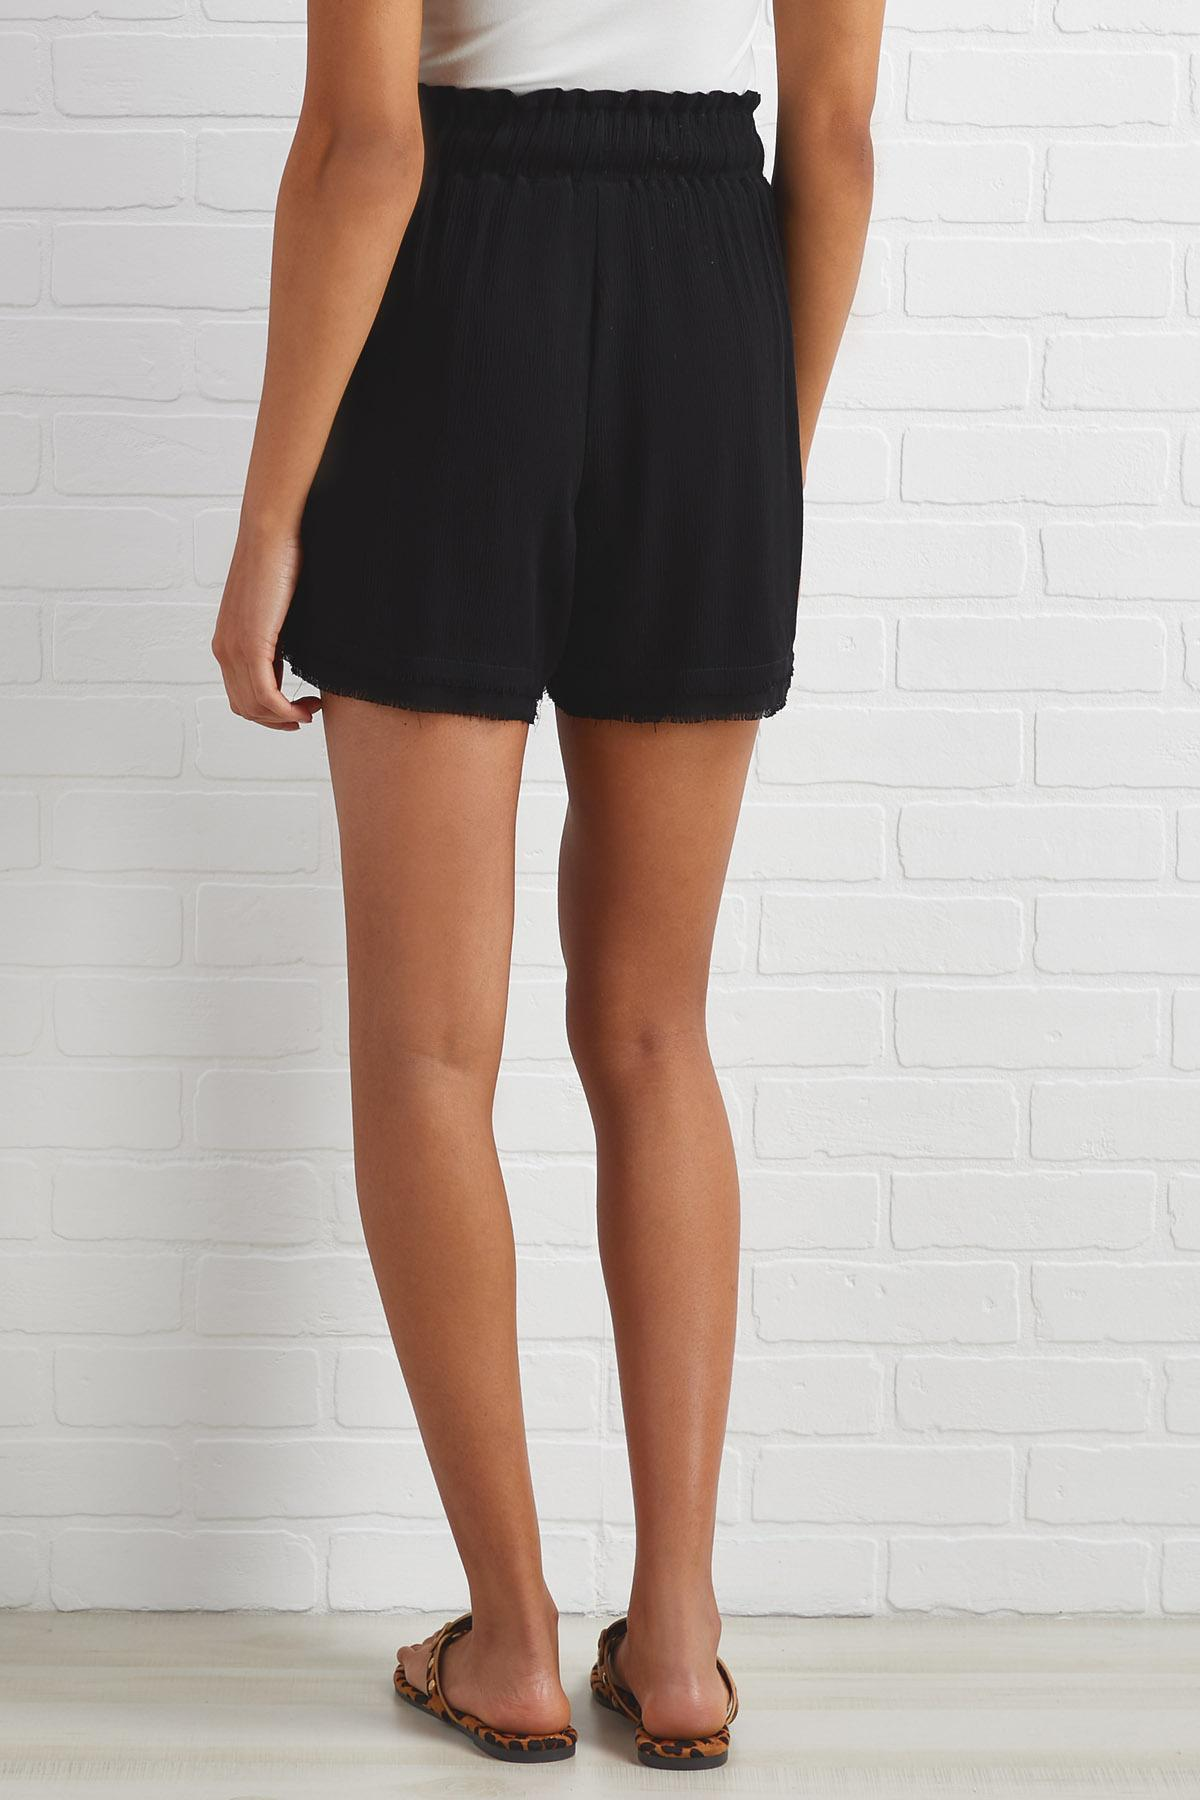 Sunny Daze Shorts